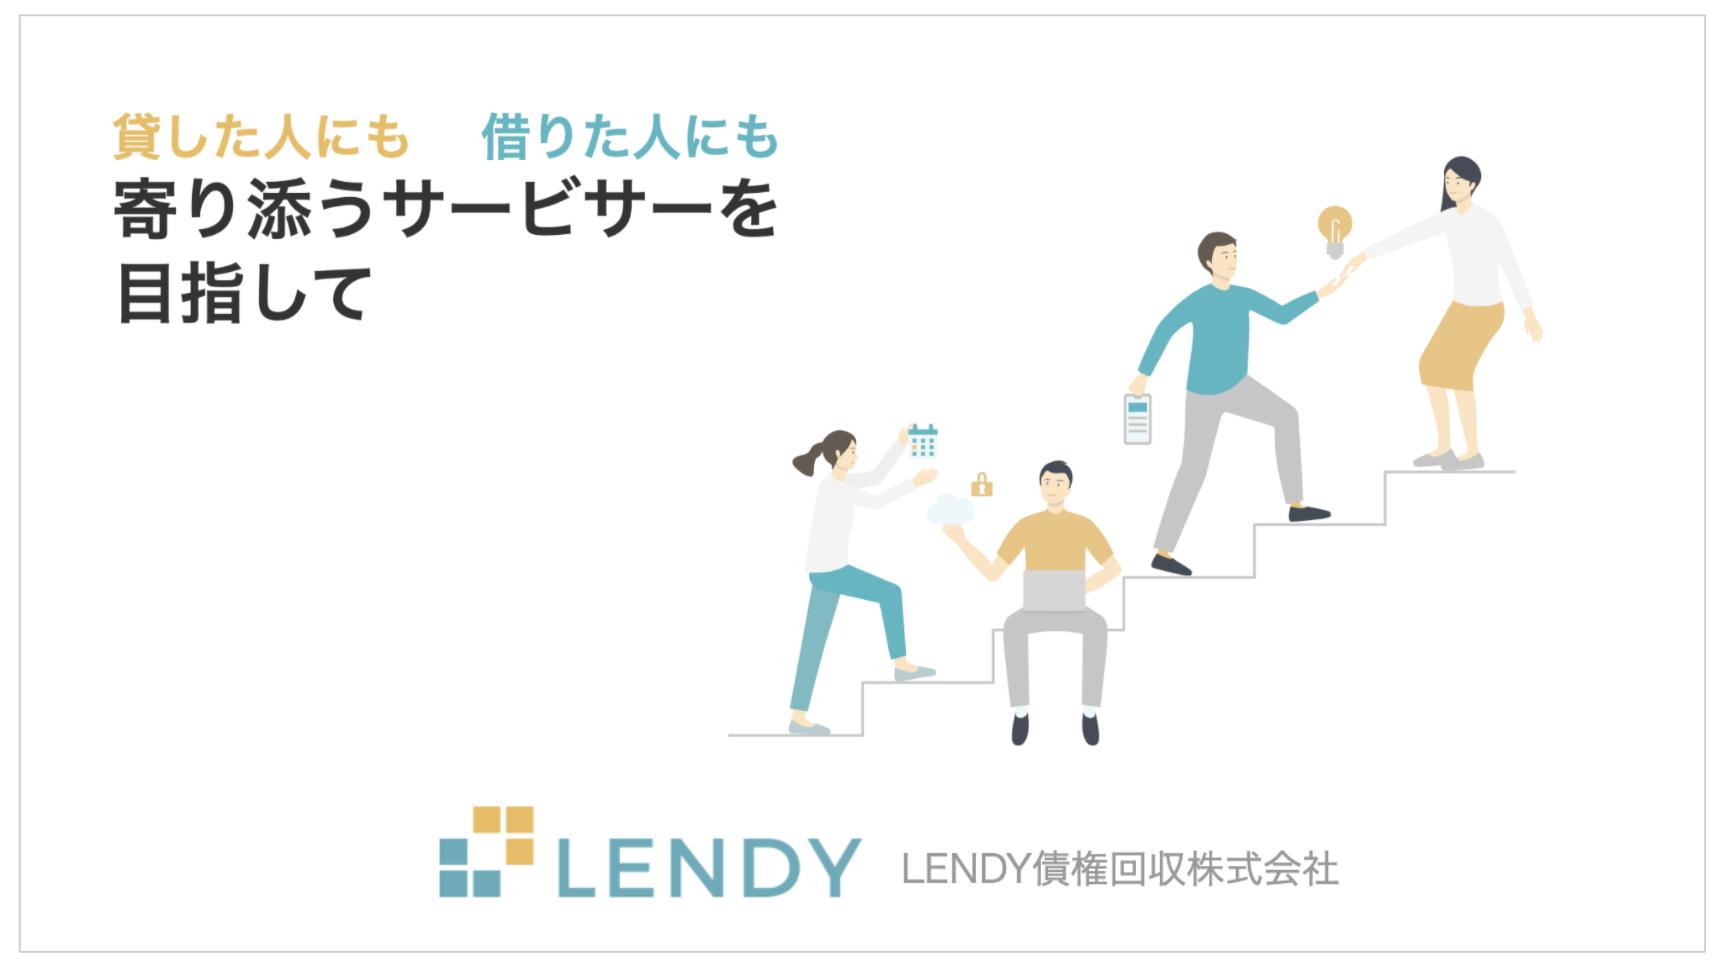 20210507_LENDY債権回収株式会社営業開始のお知らせ_イメージ_f.png